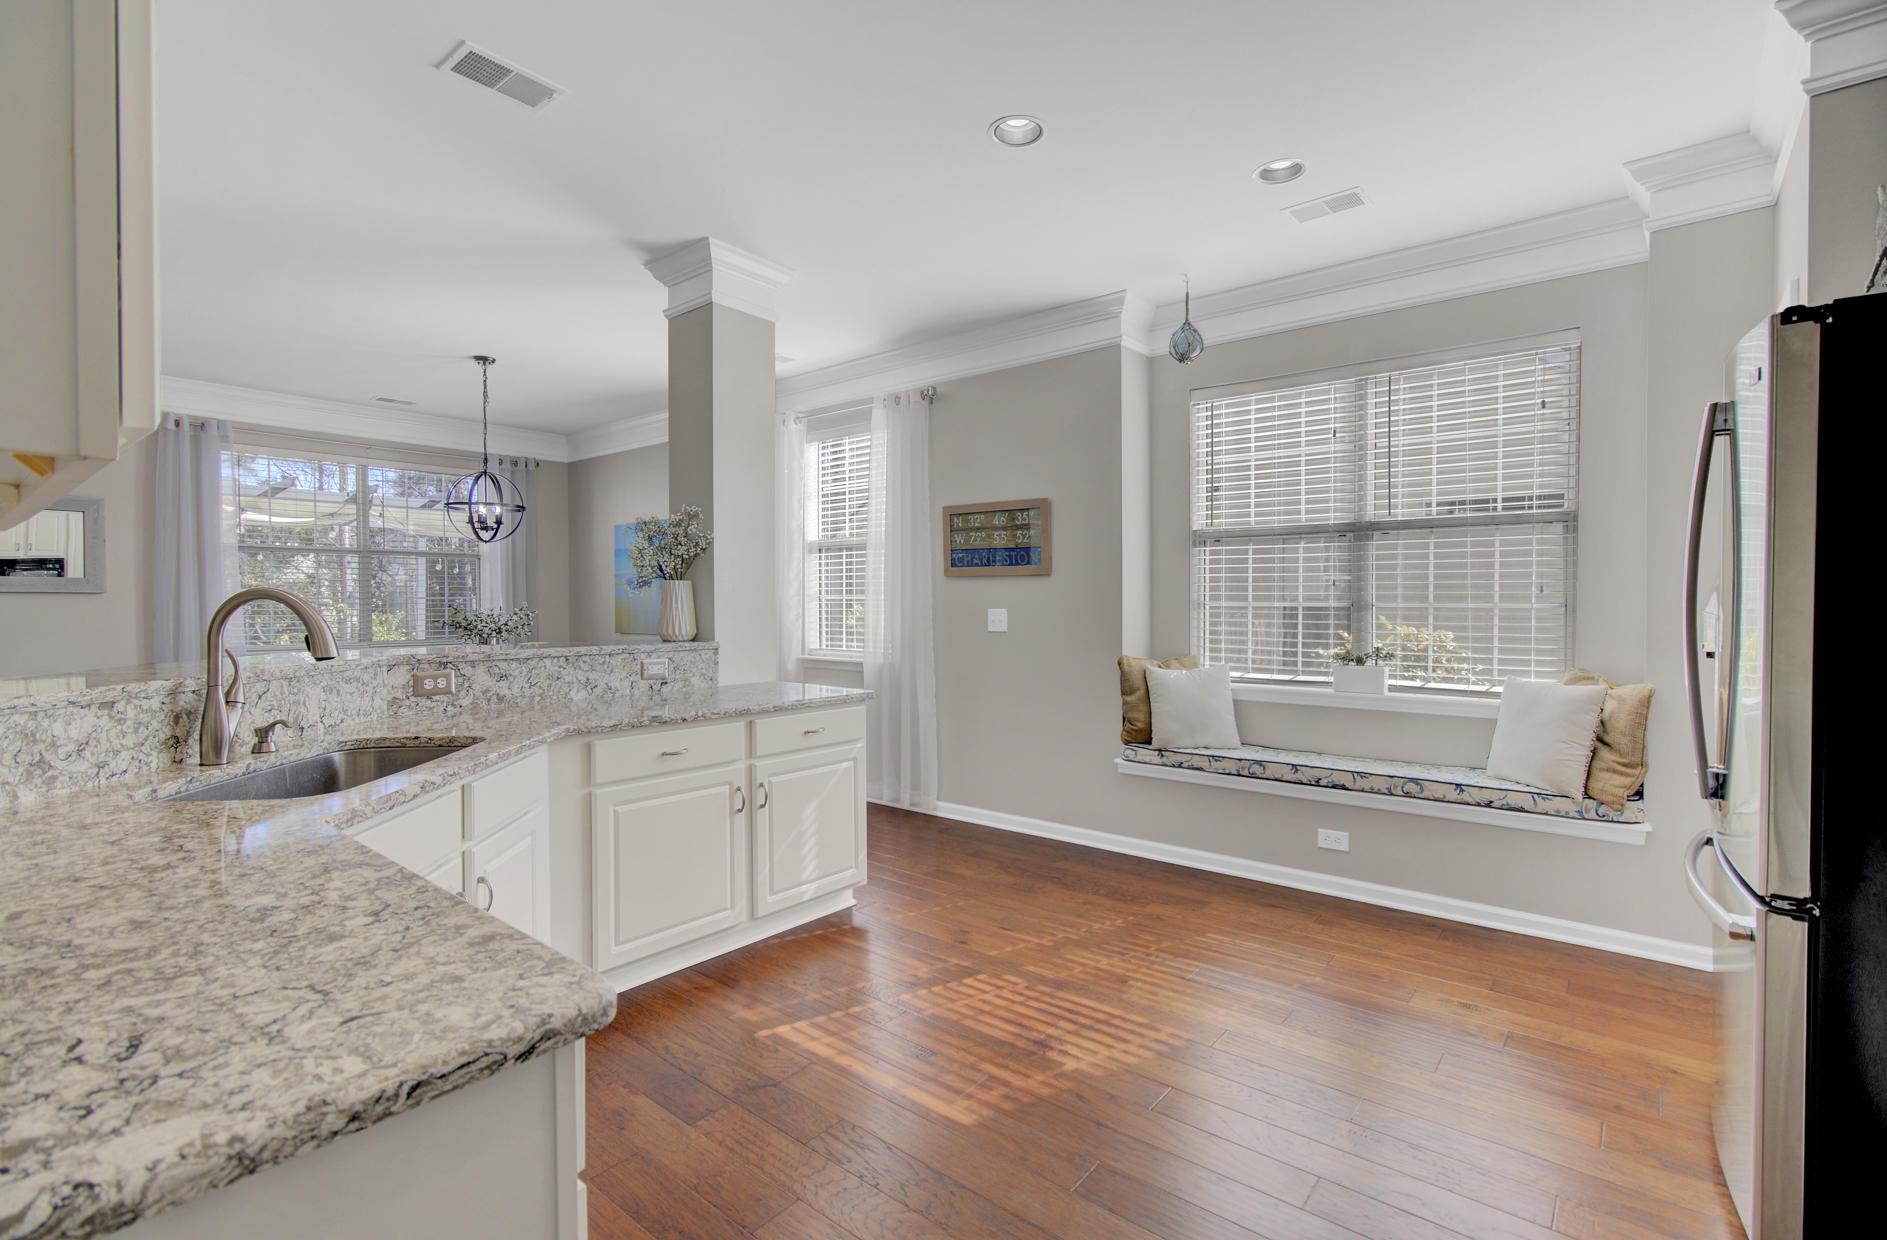 Park West Homes For Sale - 1497 Endicot, Mount Pleasant, SC - 4